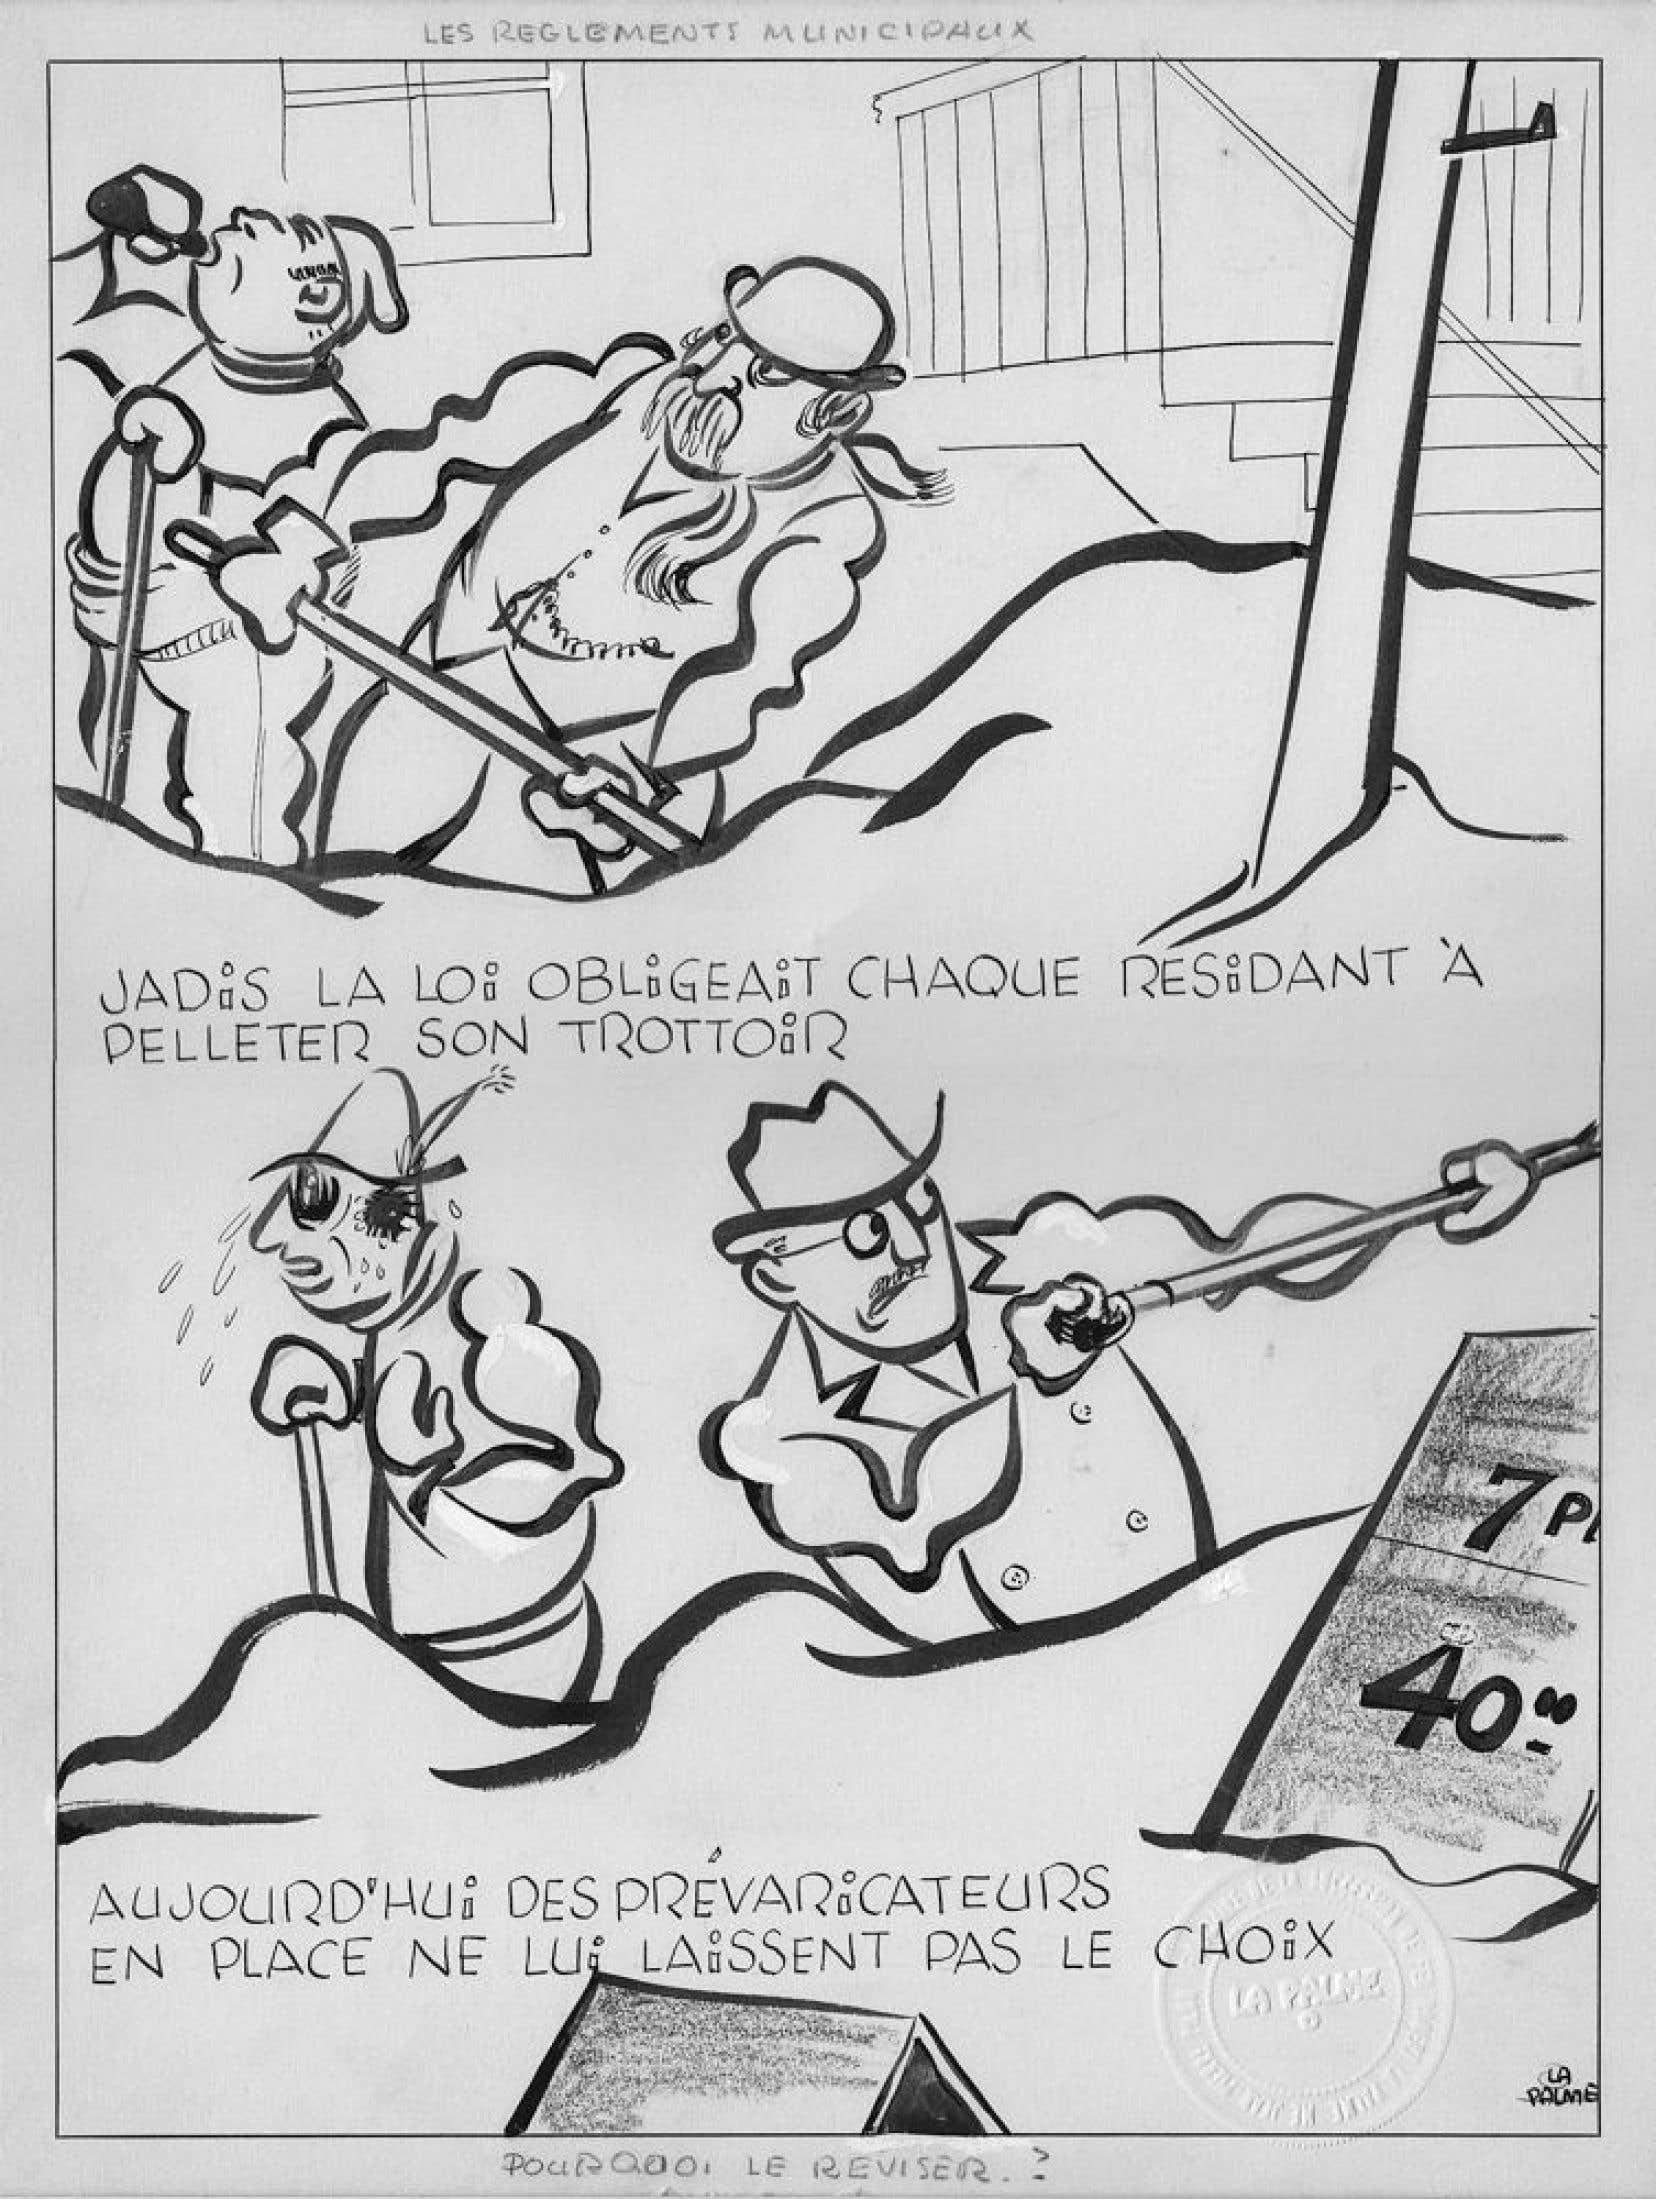 Clin d'œil amusant, ledit prix, qui consiste en une œuvre originale du grand artiste montréalais qui a donné ses lettres de noblesse à la caricature politique, a été publié il y a plusieurs décennies dans les pages du Devoir là même où sévit Garnotte tous les jours depuis 1996.